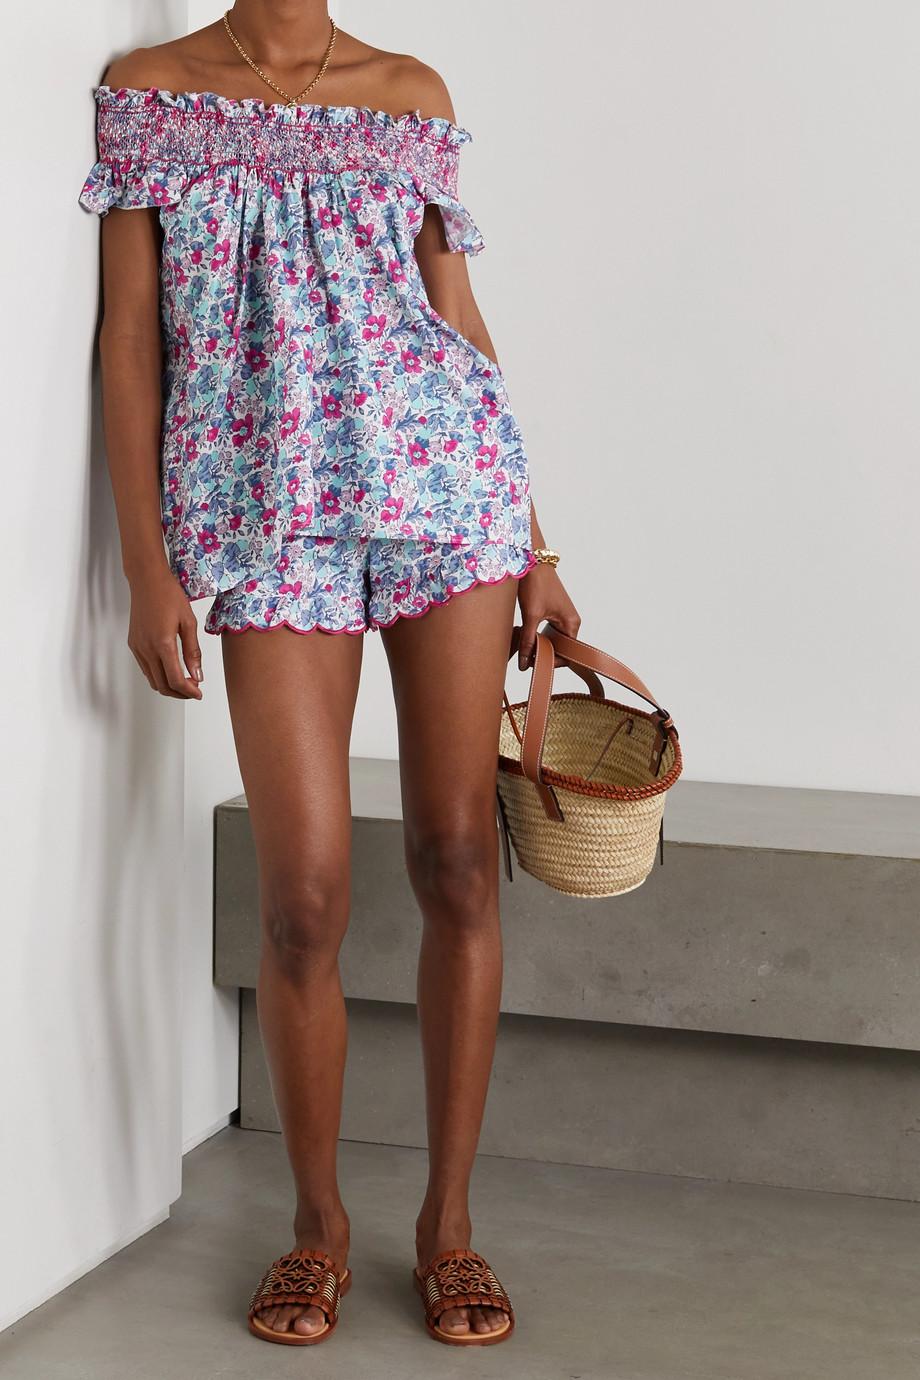 Loretta Caponi Silvia scalloped floral-print cotton-voile shorts